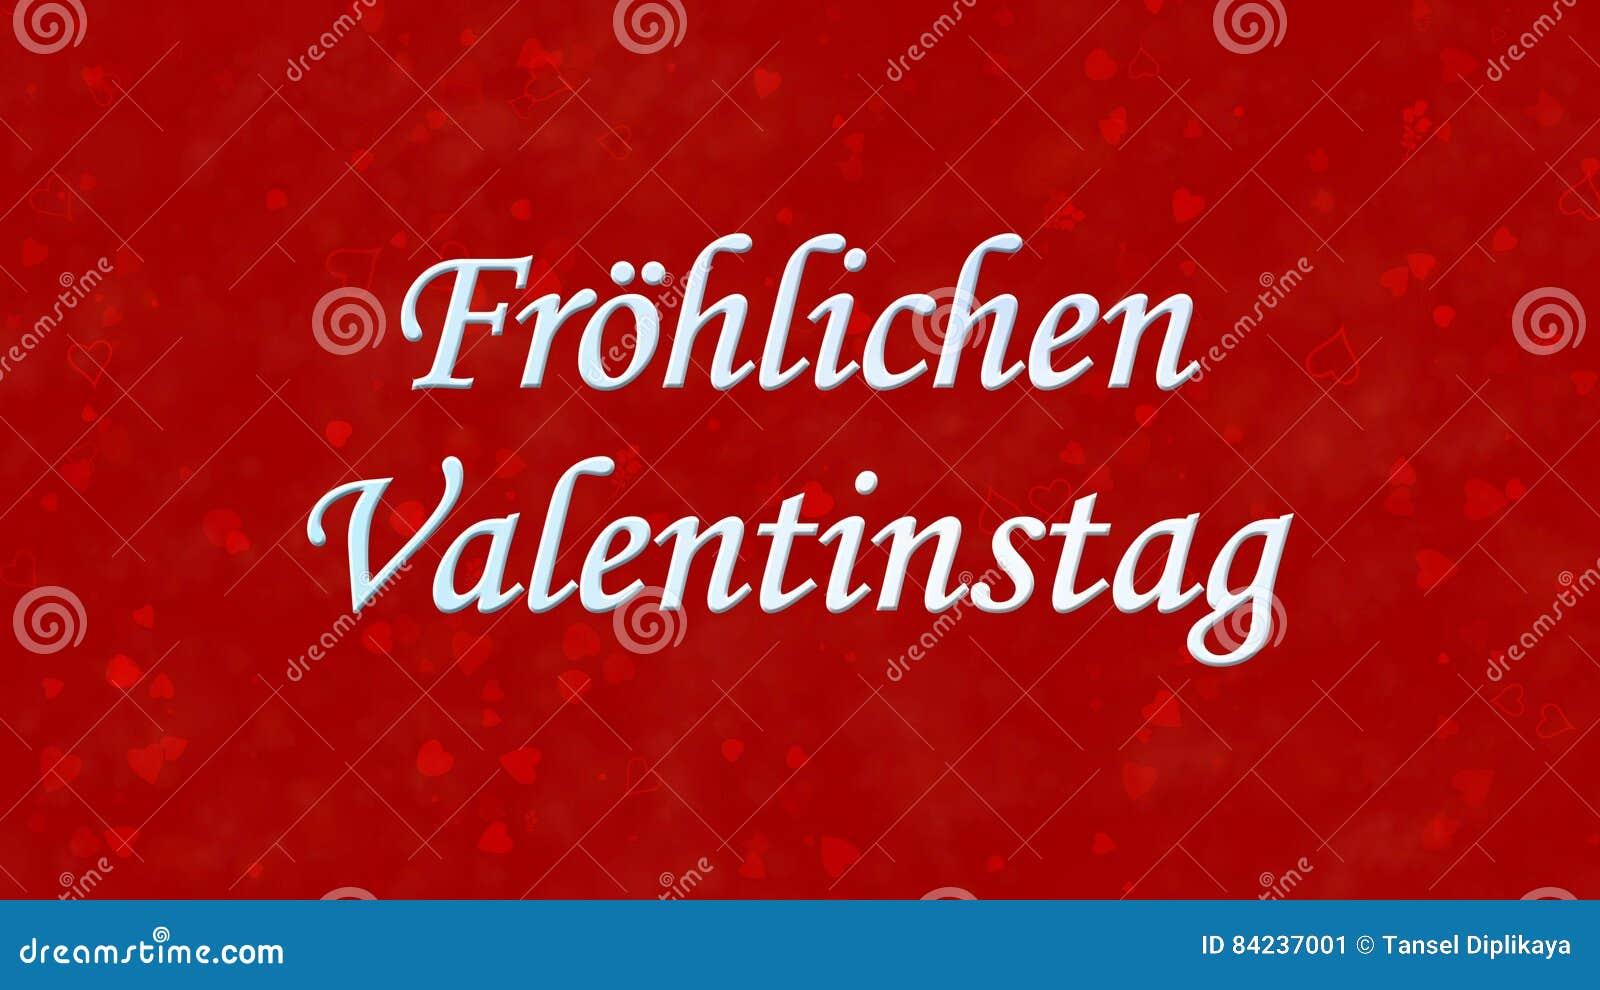 Happy Valentine S Day Text In German Frohlichen Valentinstag On Red